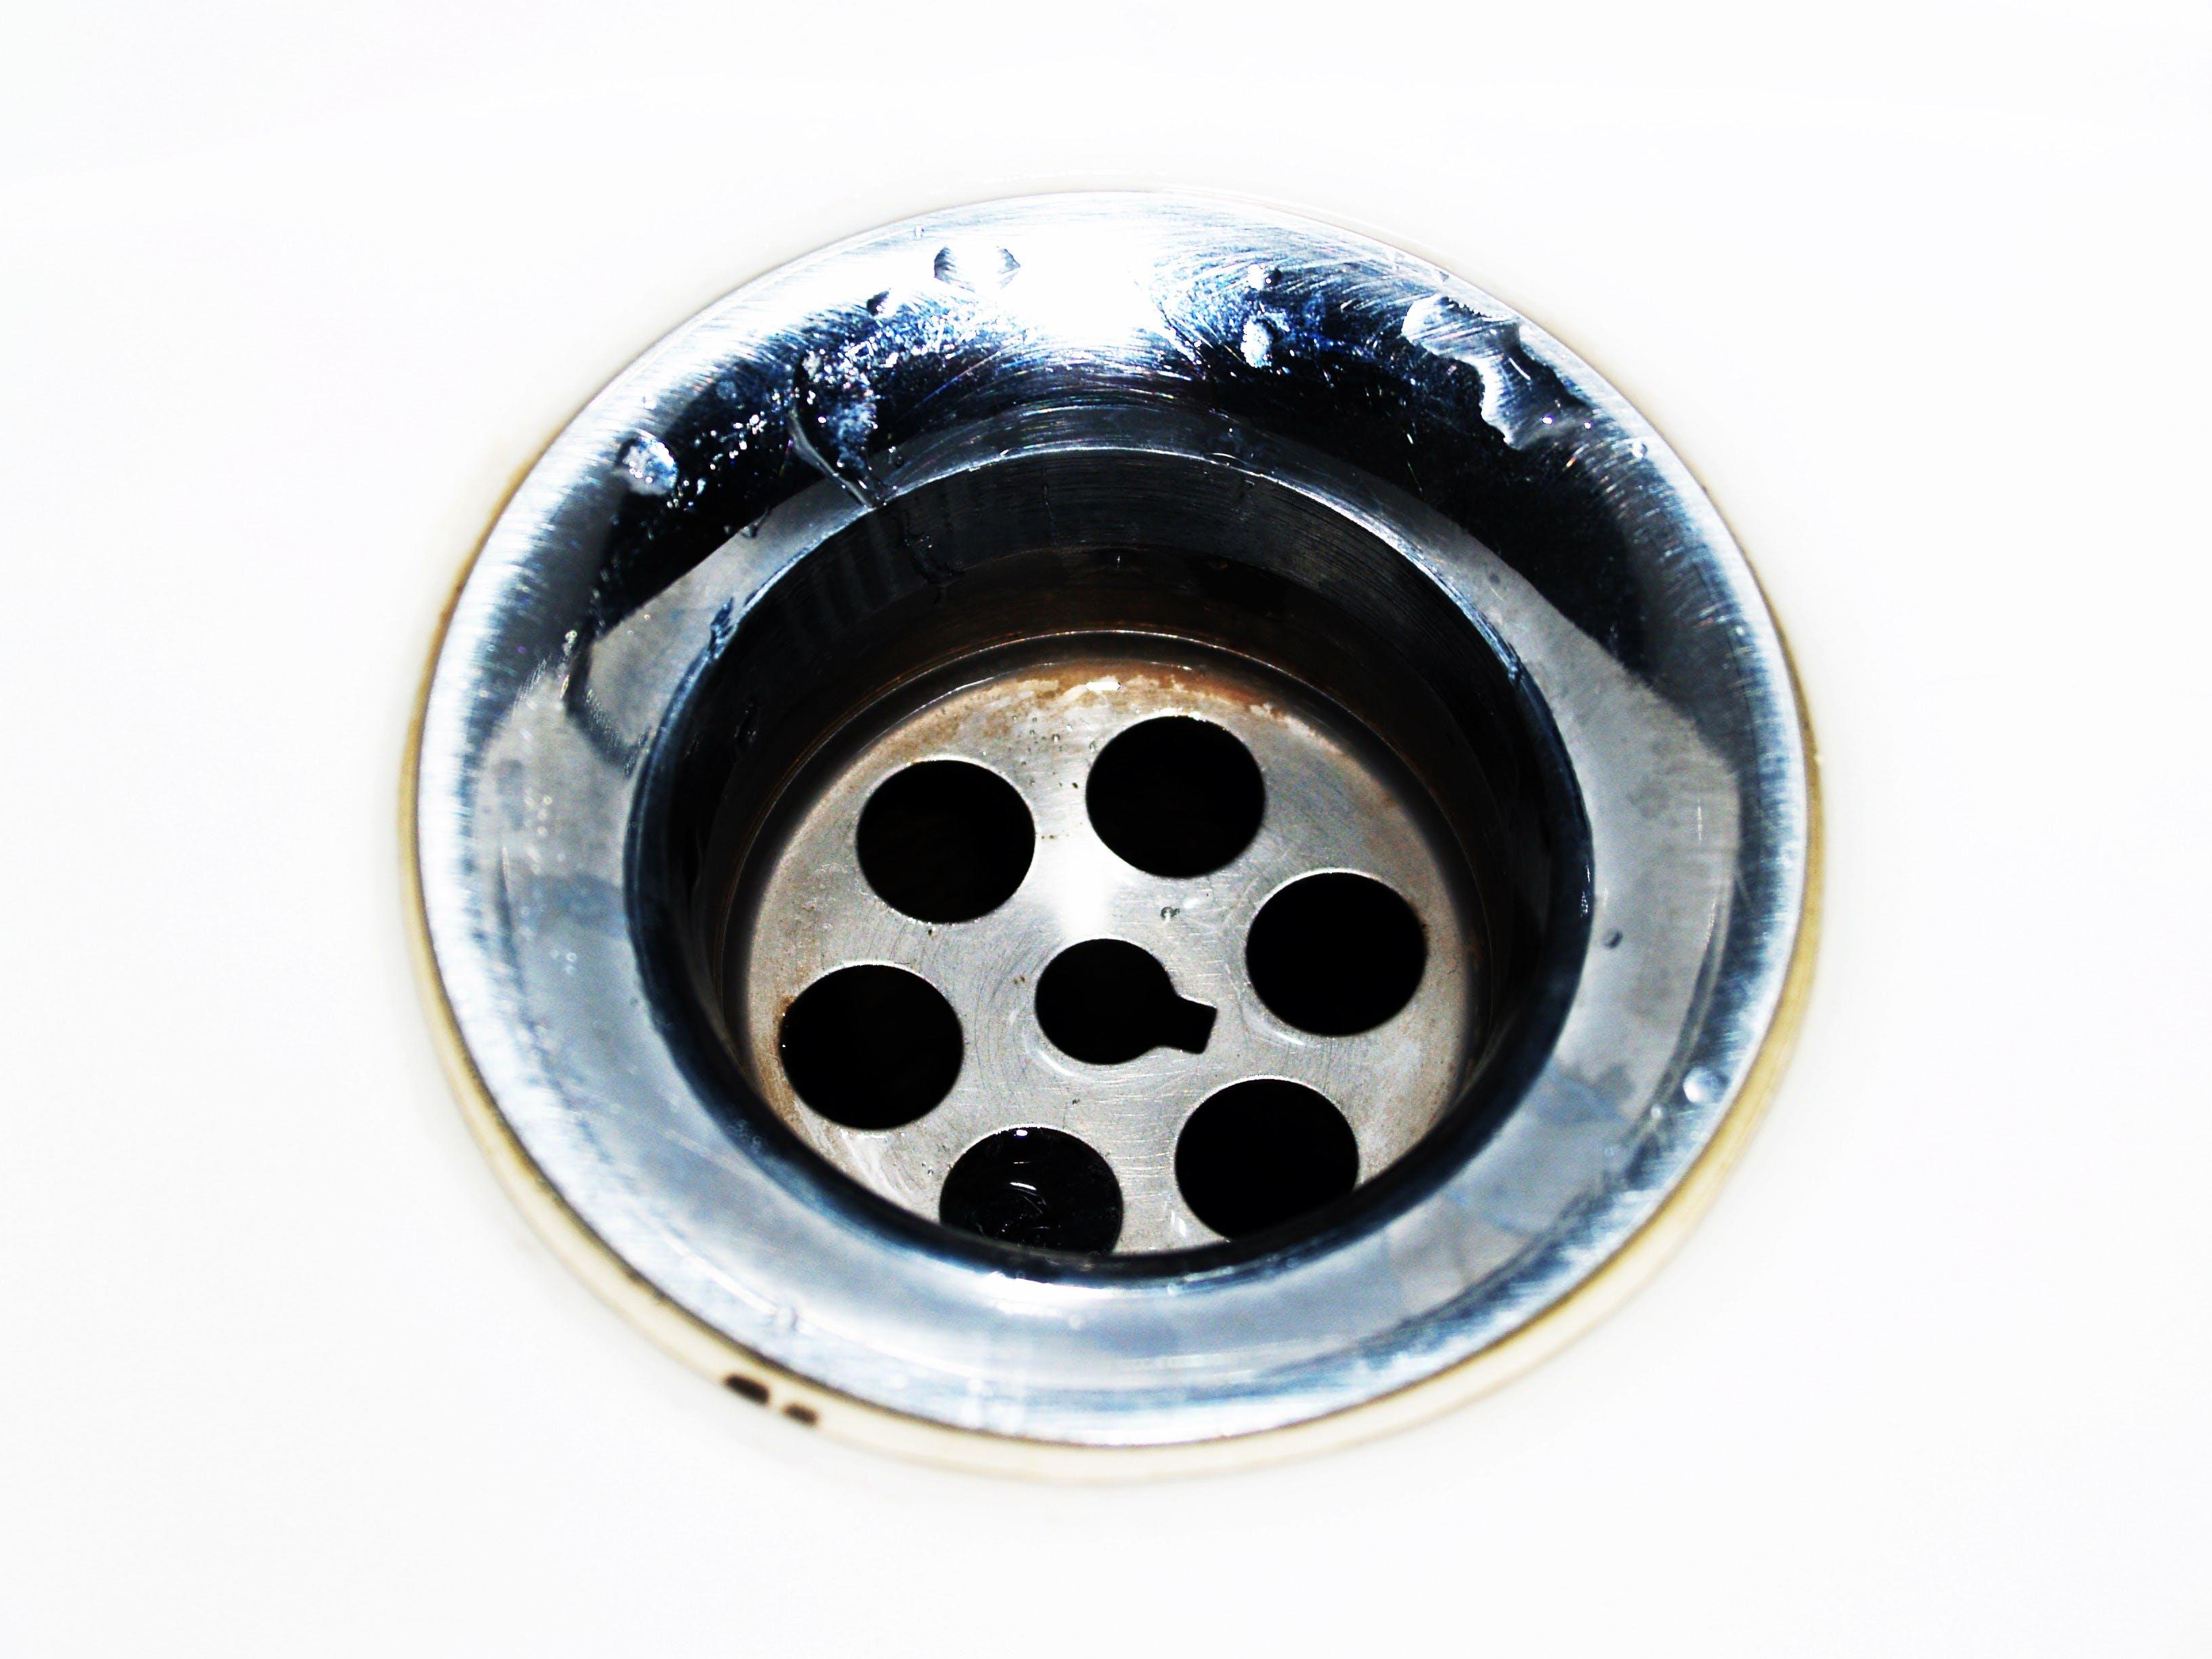 Gratis lagerfoto af chrome, close-up, dråber, håndvask